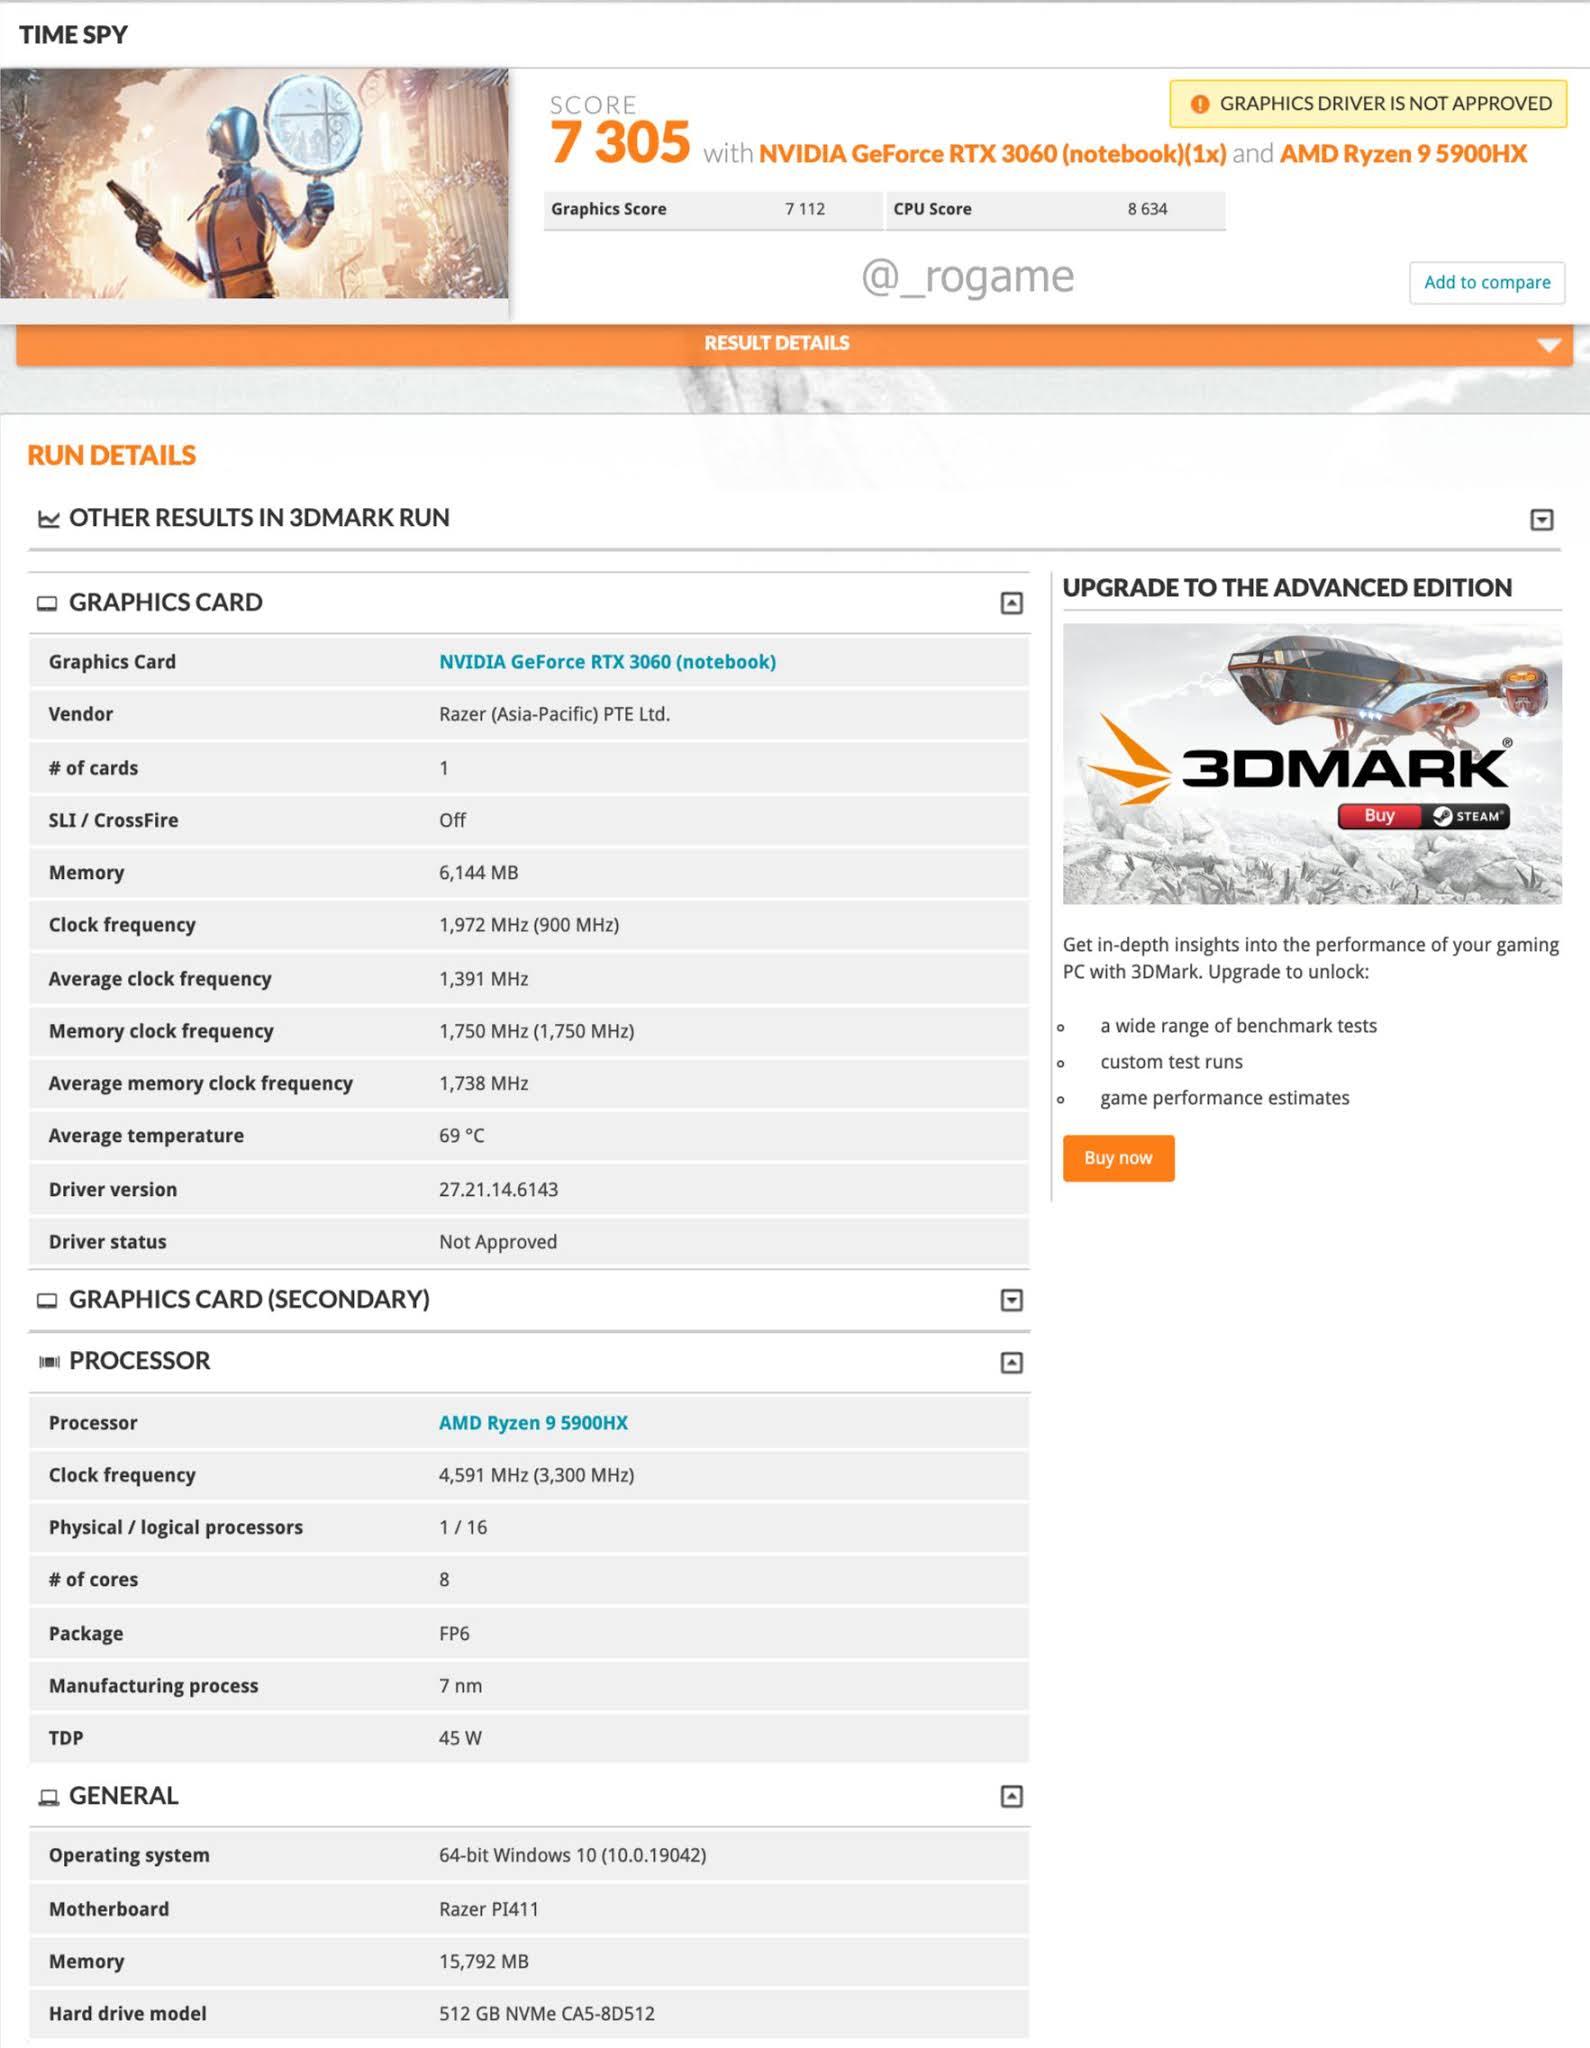 Razer Blade 14 dizüstü bilgisayar 3DMark karşılaştırmalı değerlendirmesinde